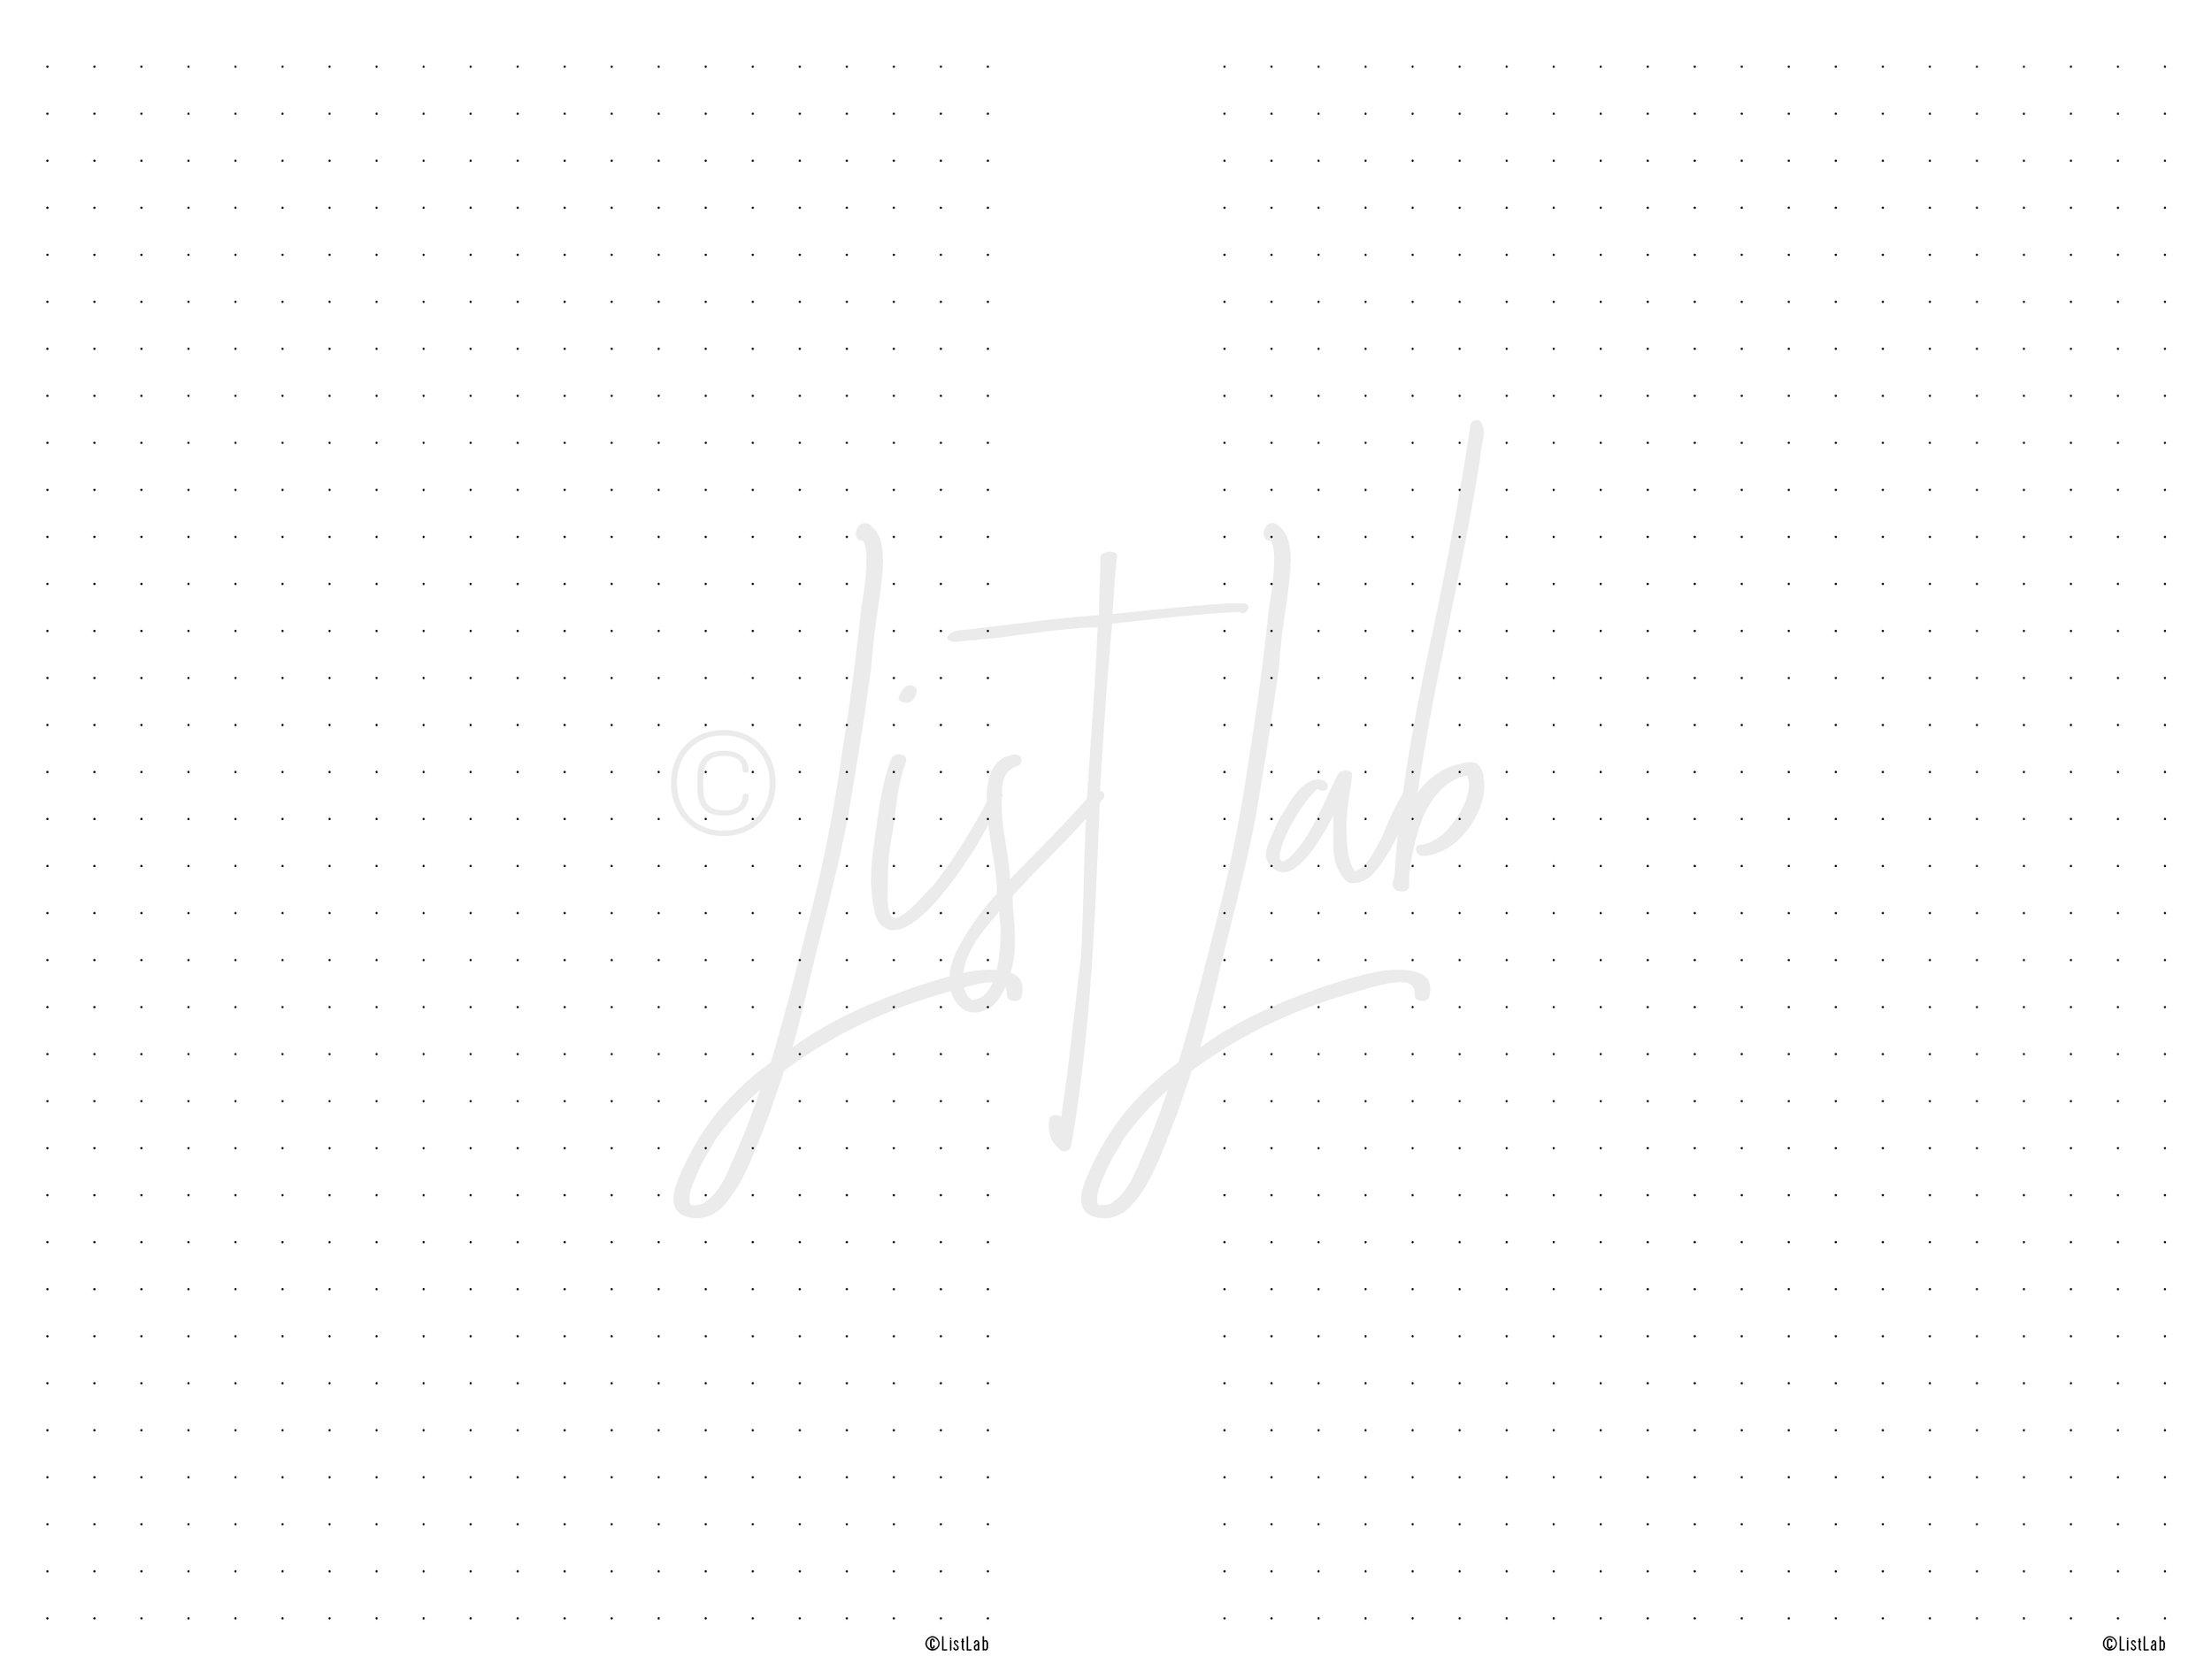 script_disc_mini_undated-23.jpg